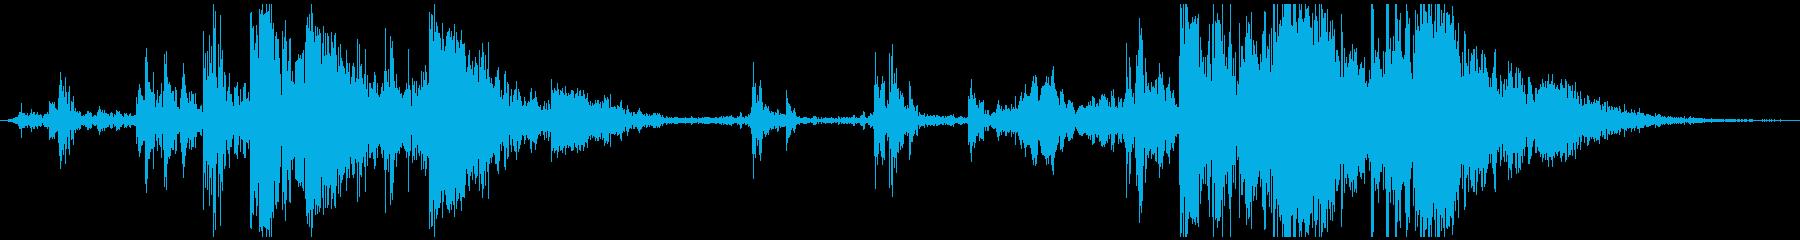 古い機械のガシャンガシャン(ループ)の再生済みの波形